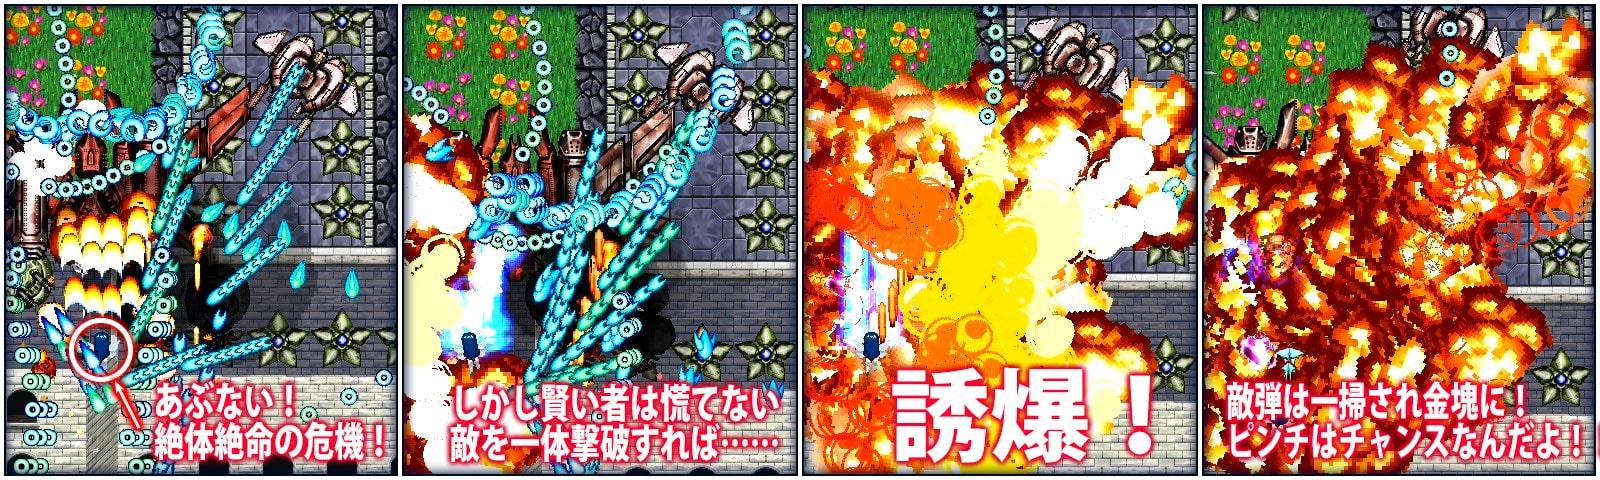 Yakouga 4 (Artesneit) DLsite提供:同人ゲーム – シューティング